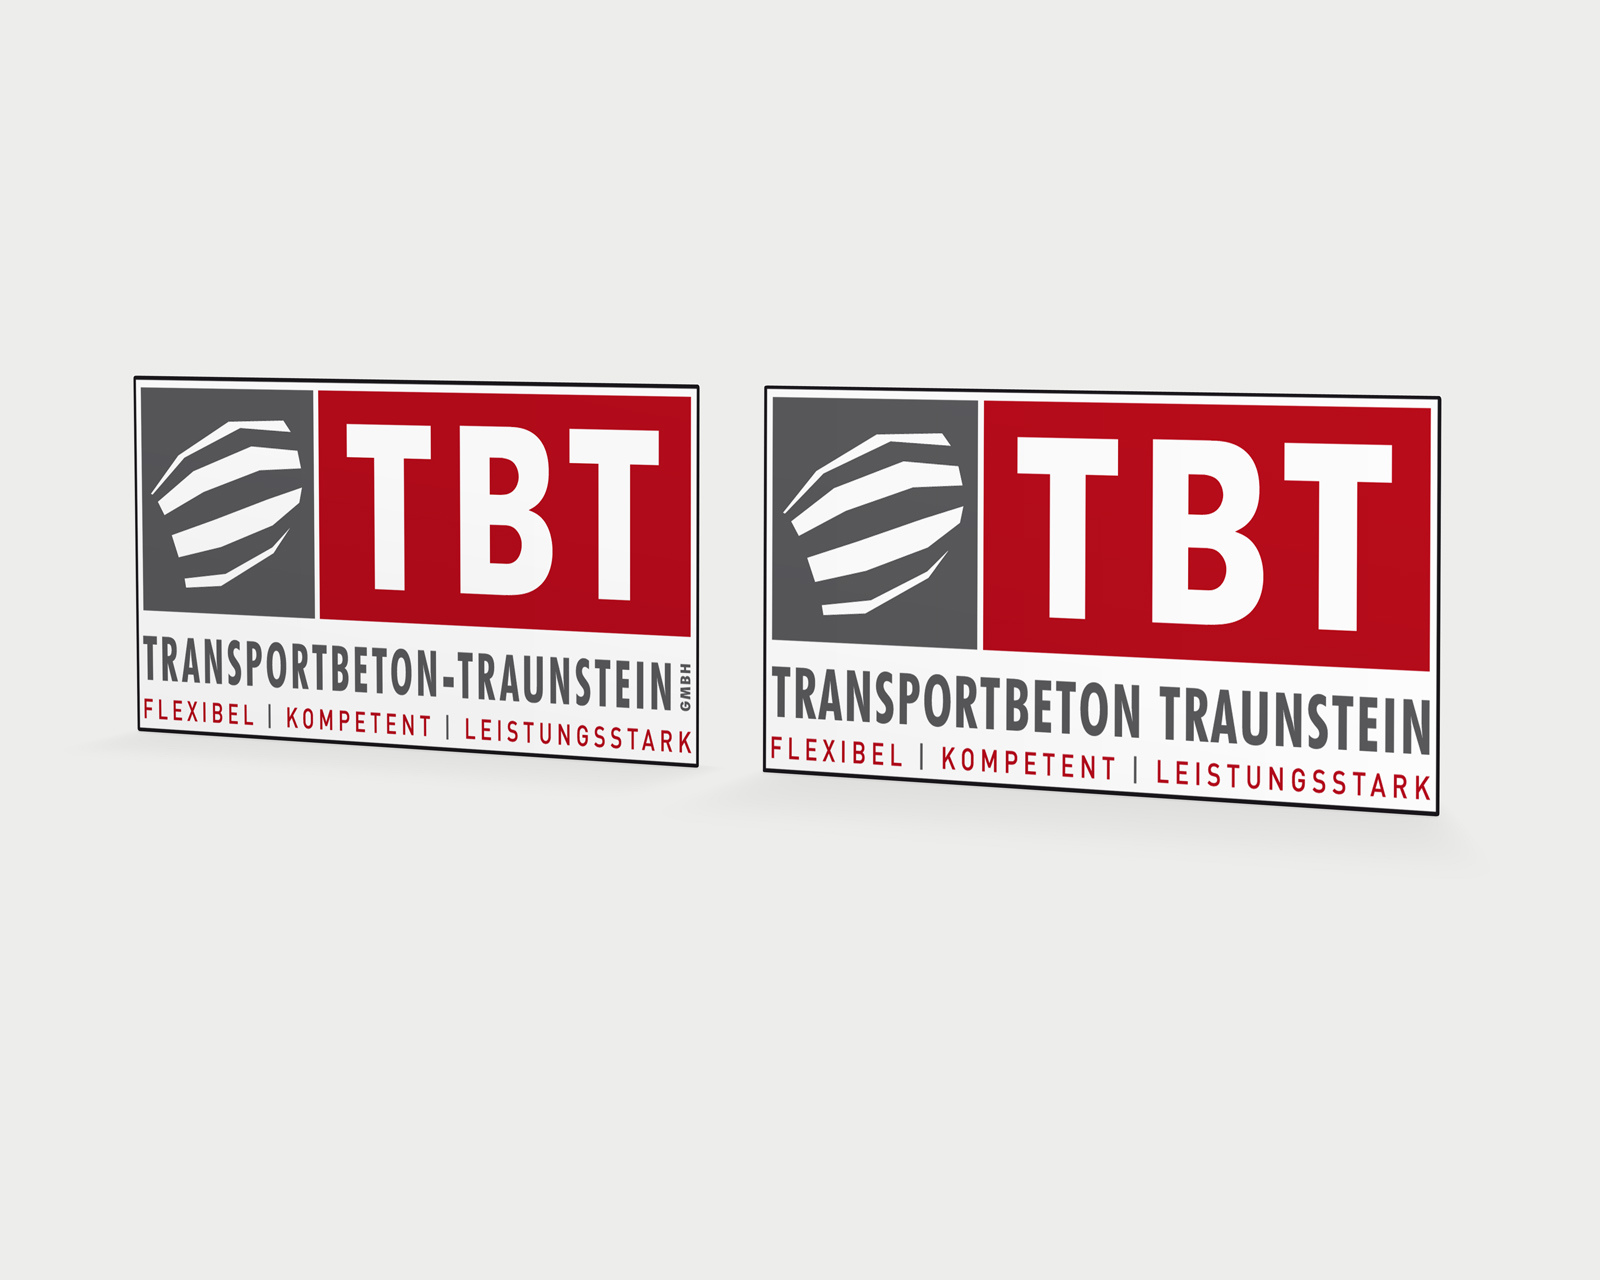 Transportbeton Traunstein Logo